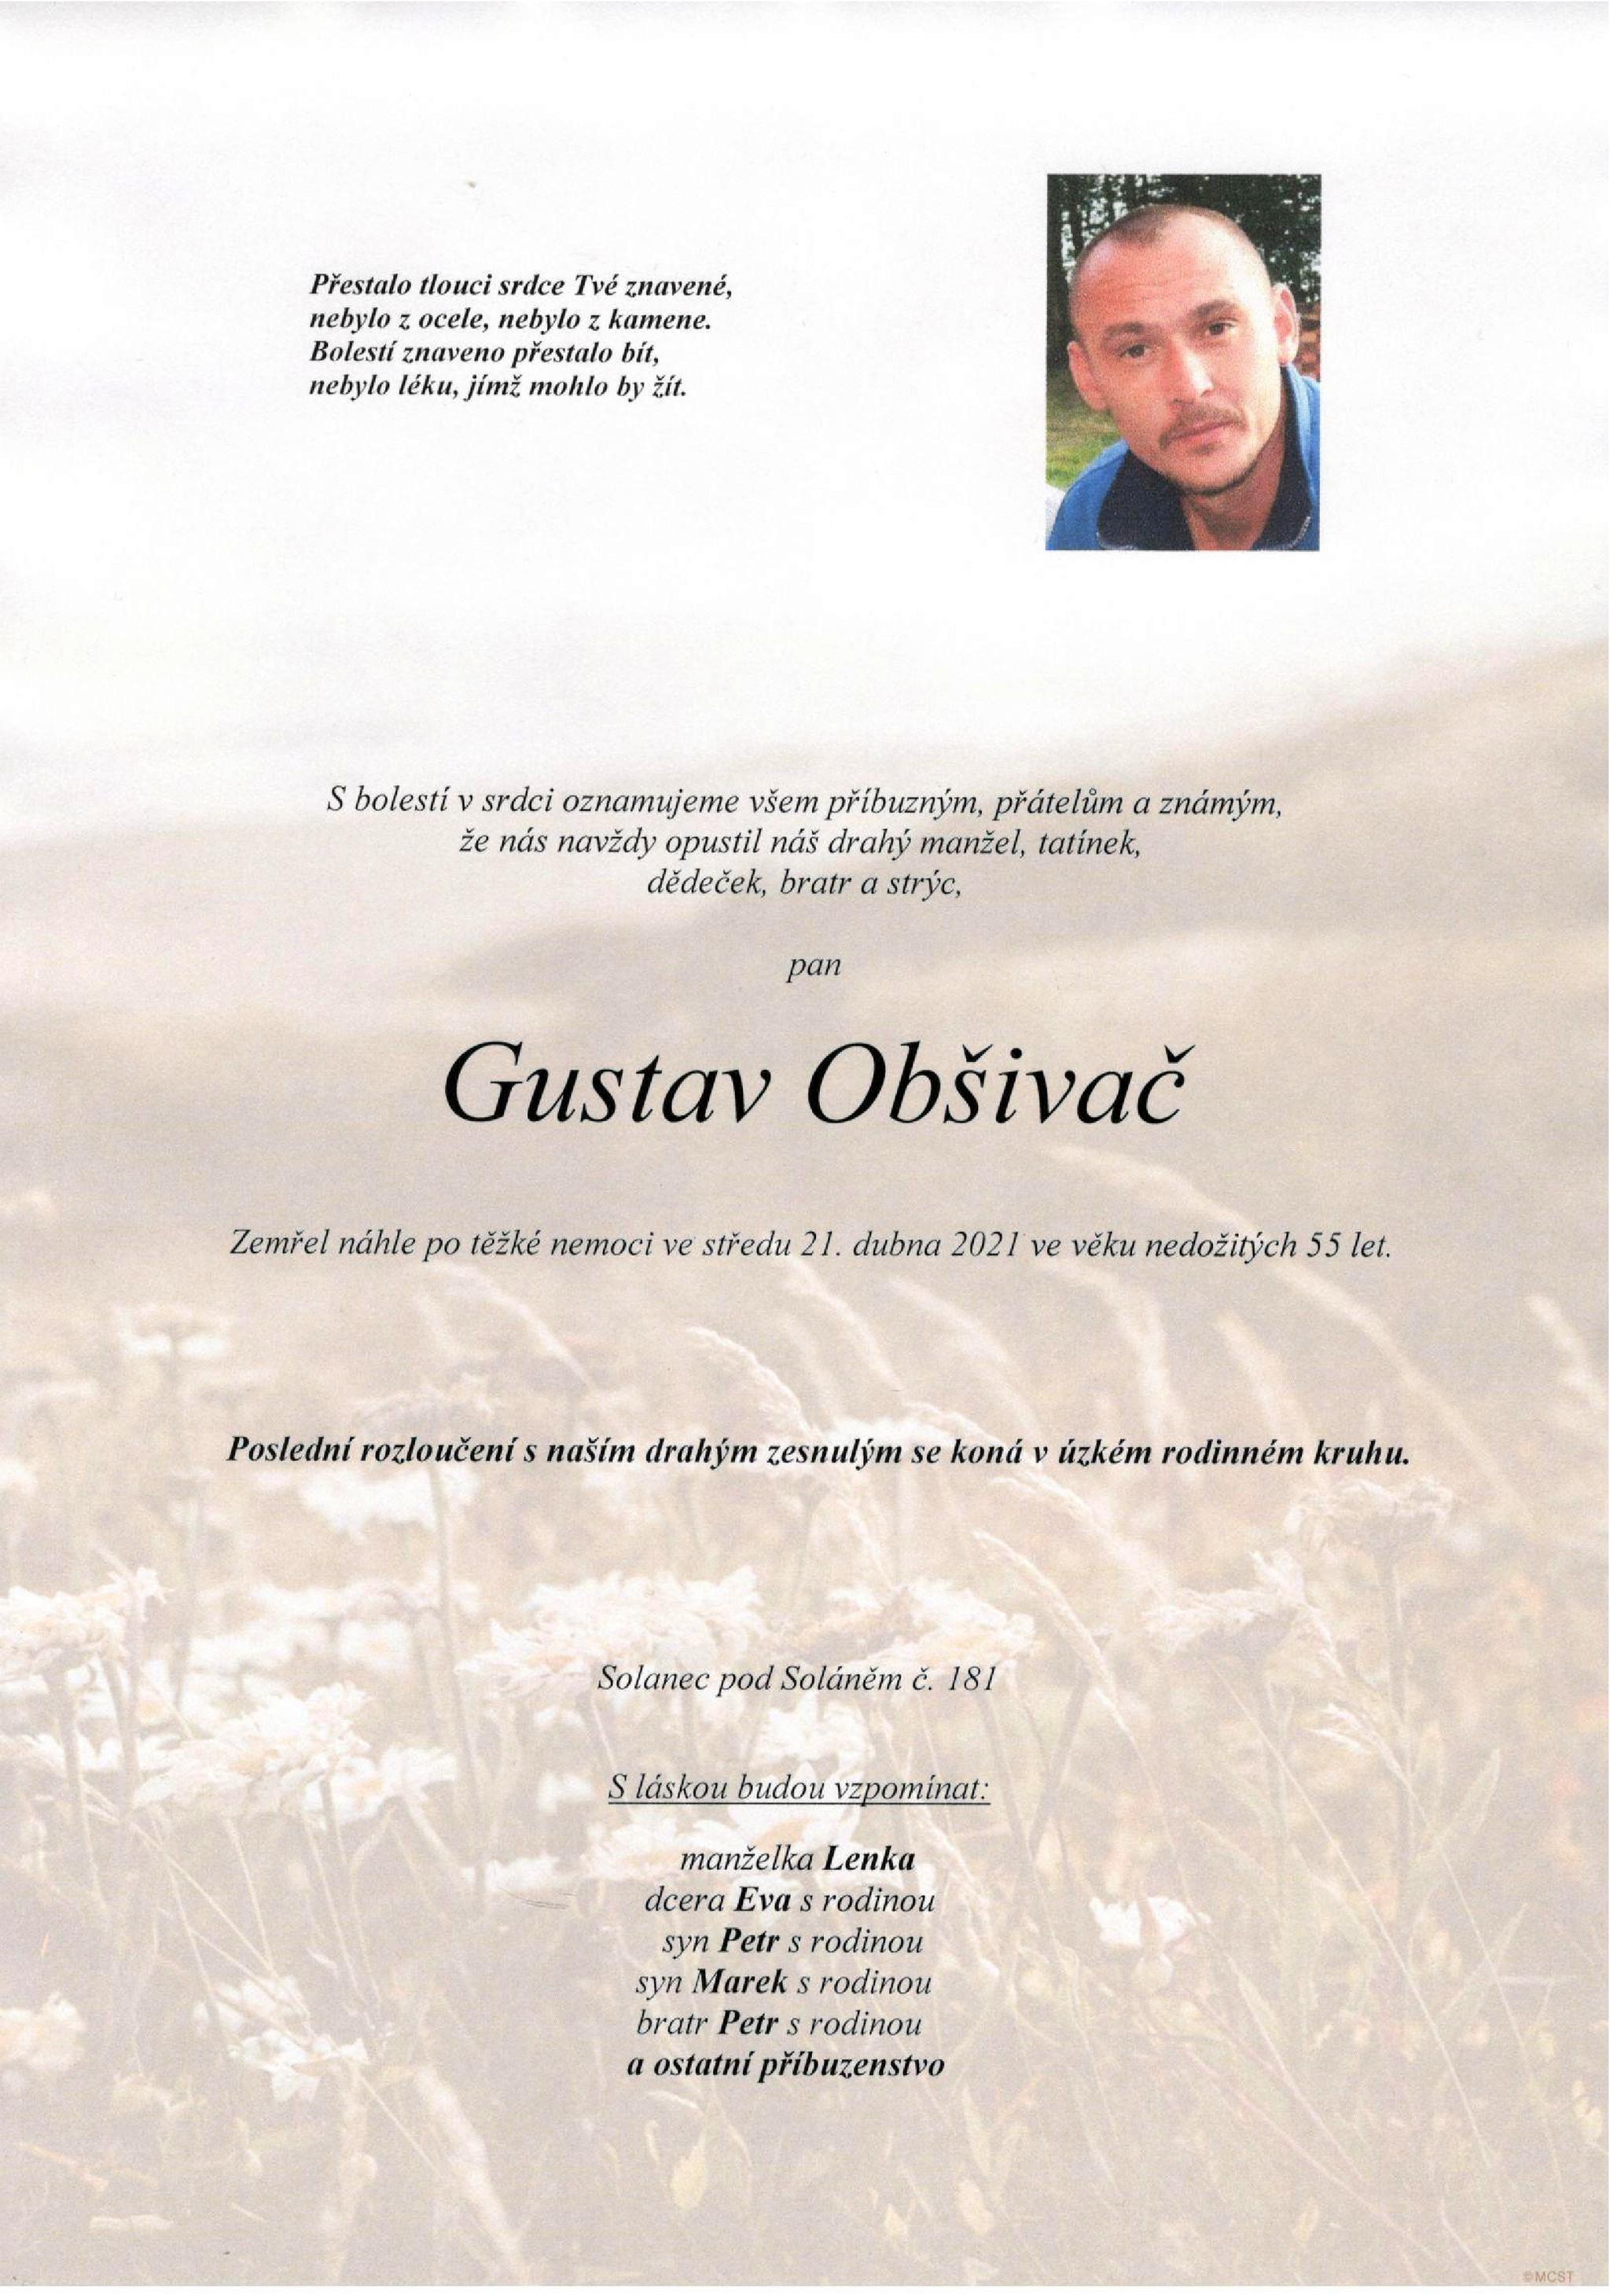 Gustav Obšivač